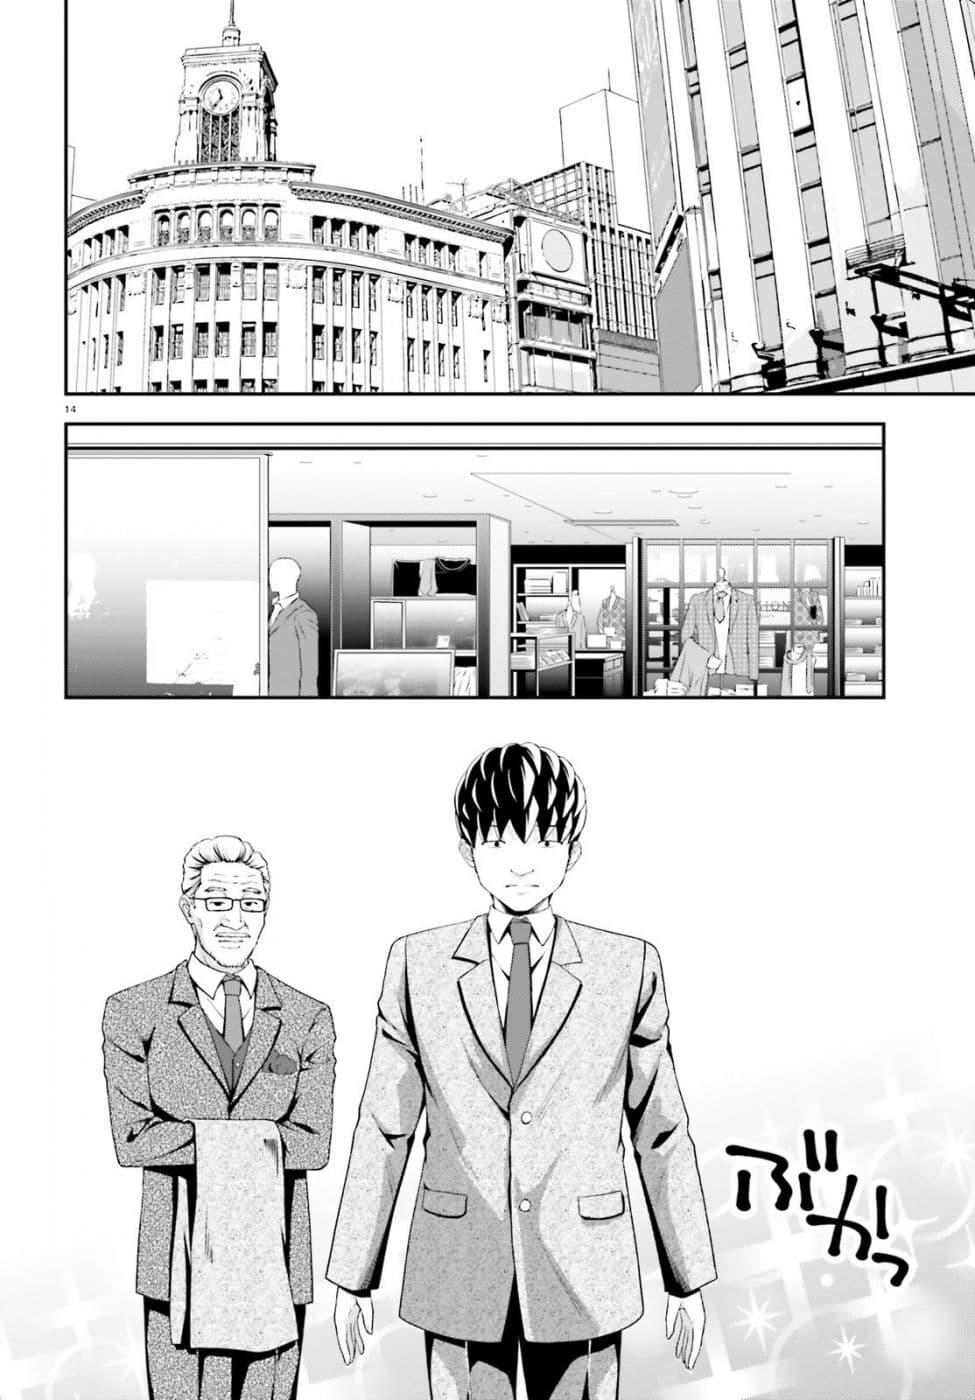 อ่านการ์ตูน Nishino Gakunai Caste Saikai Ni Shite Ino Sekai Saikyo No Shonen ตอนที่ 6 หน้าที่ 11